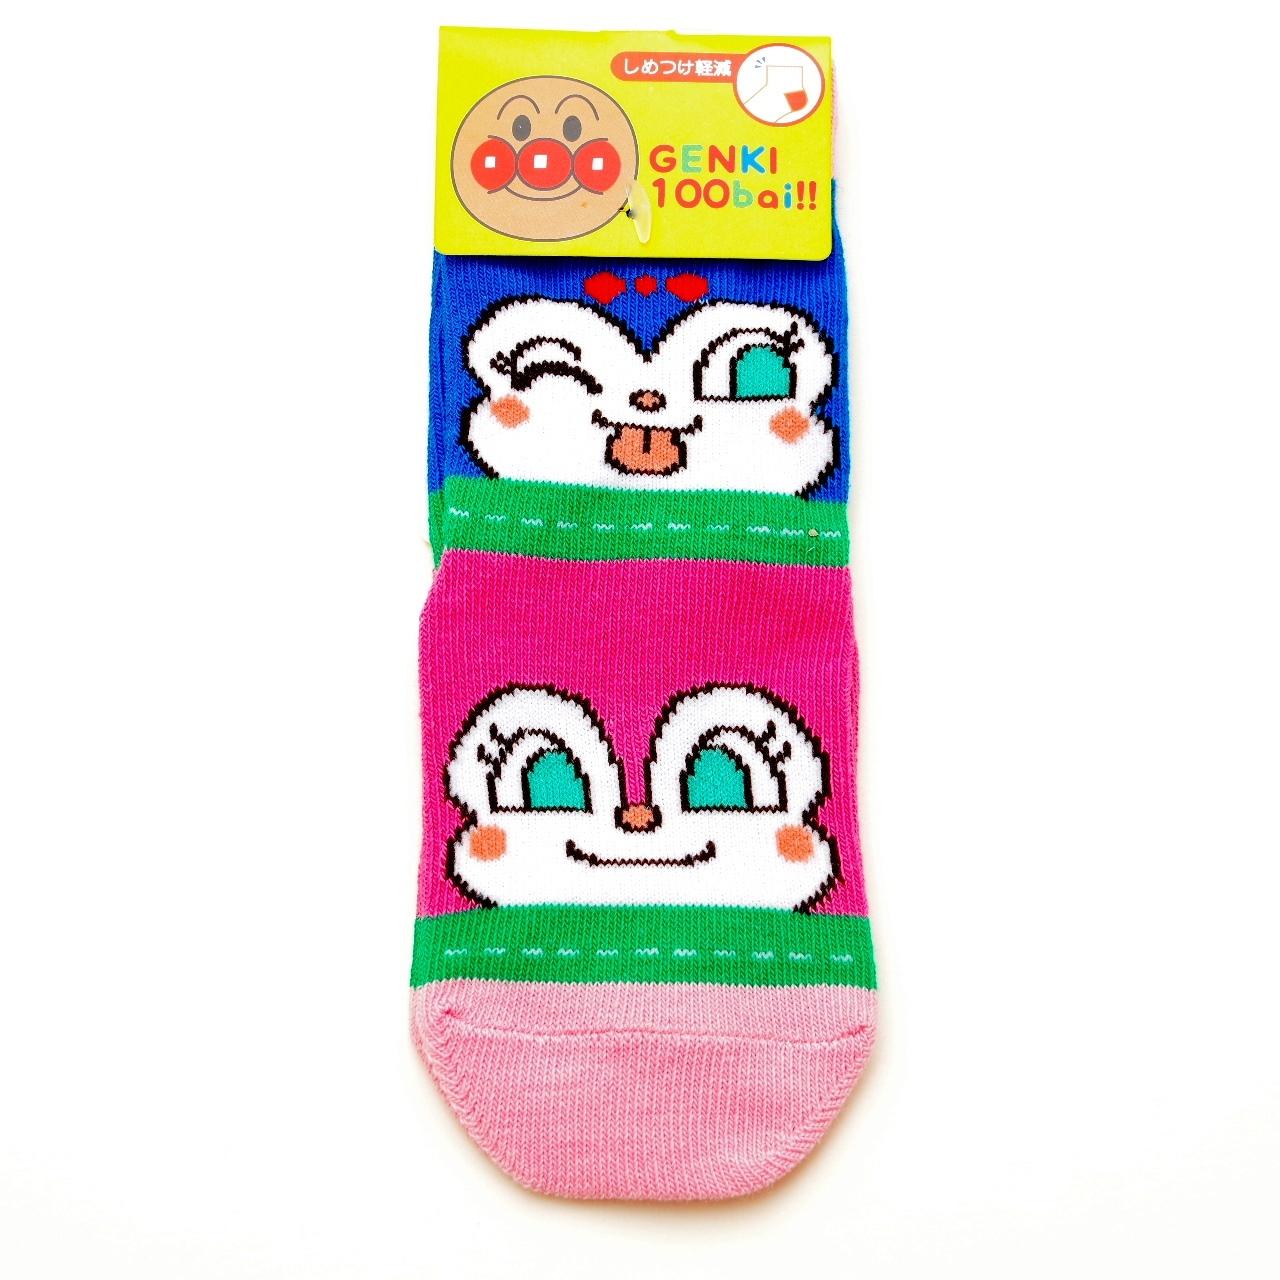 ドキンちゃんとコキンちゃん ソックス・靴下 スベリ止メ付き 9-12/12-15cm(1871-841-780)